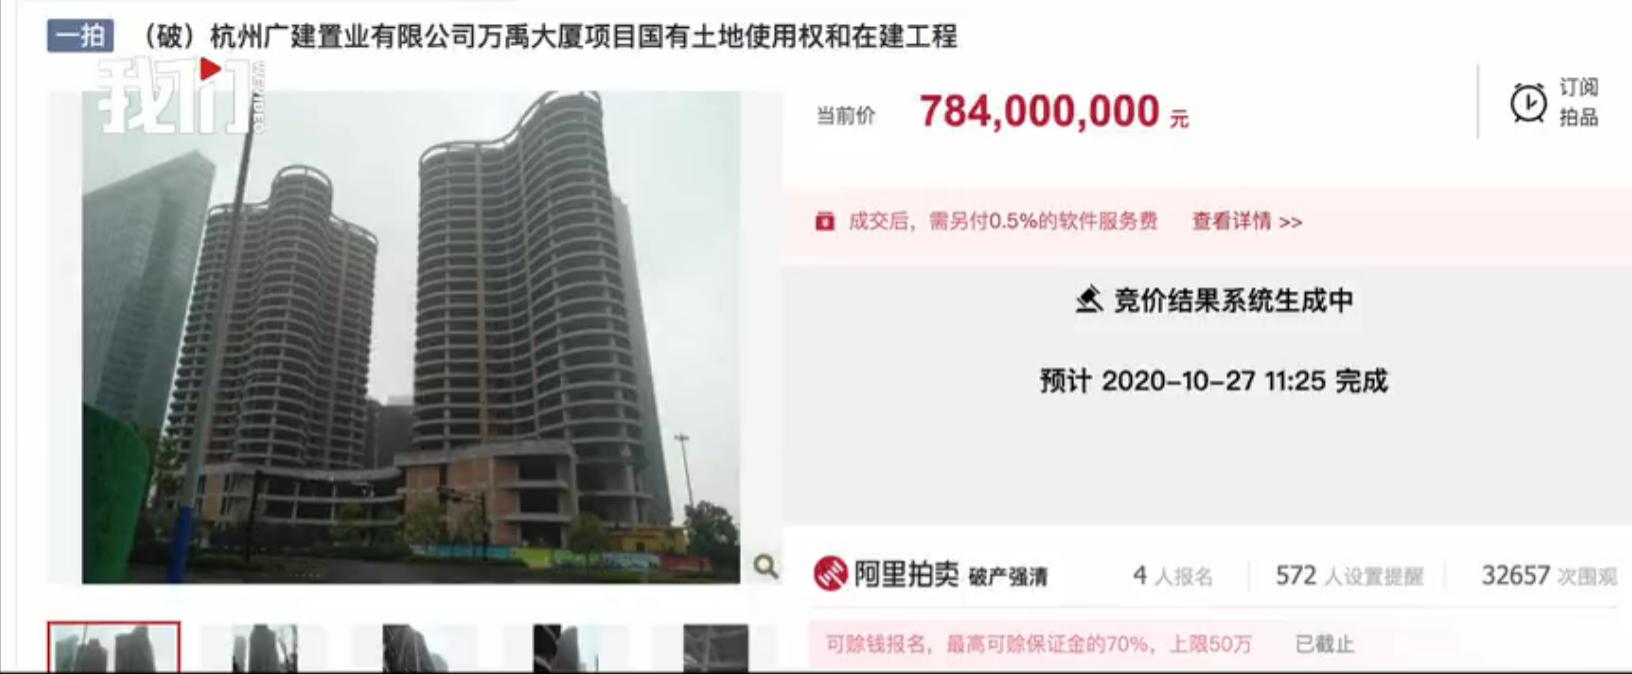 杭州一烂尾楼7.84亿成交,原所有人因非法吸收公众存款获刑